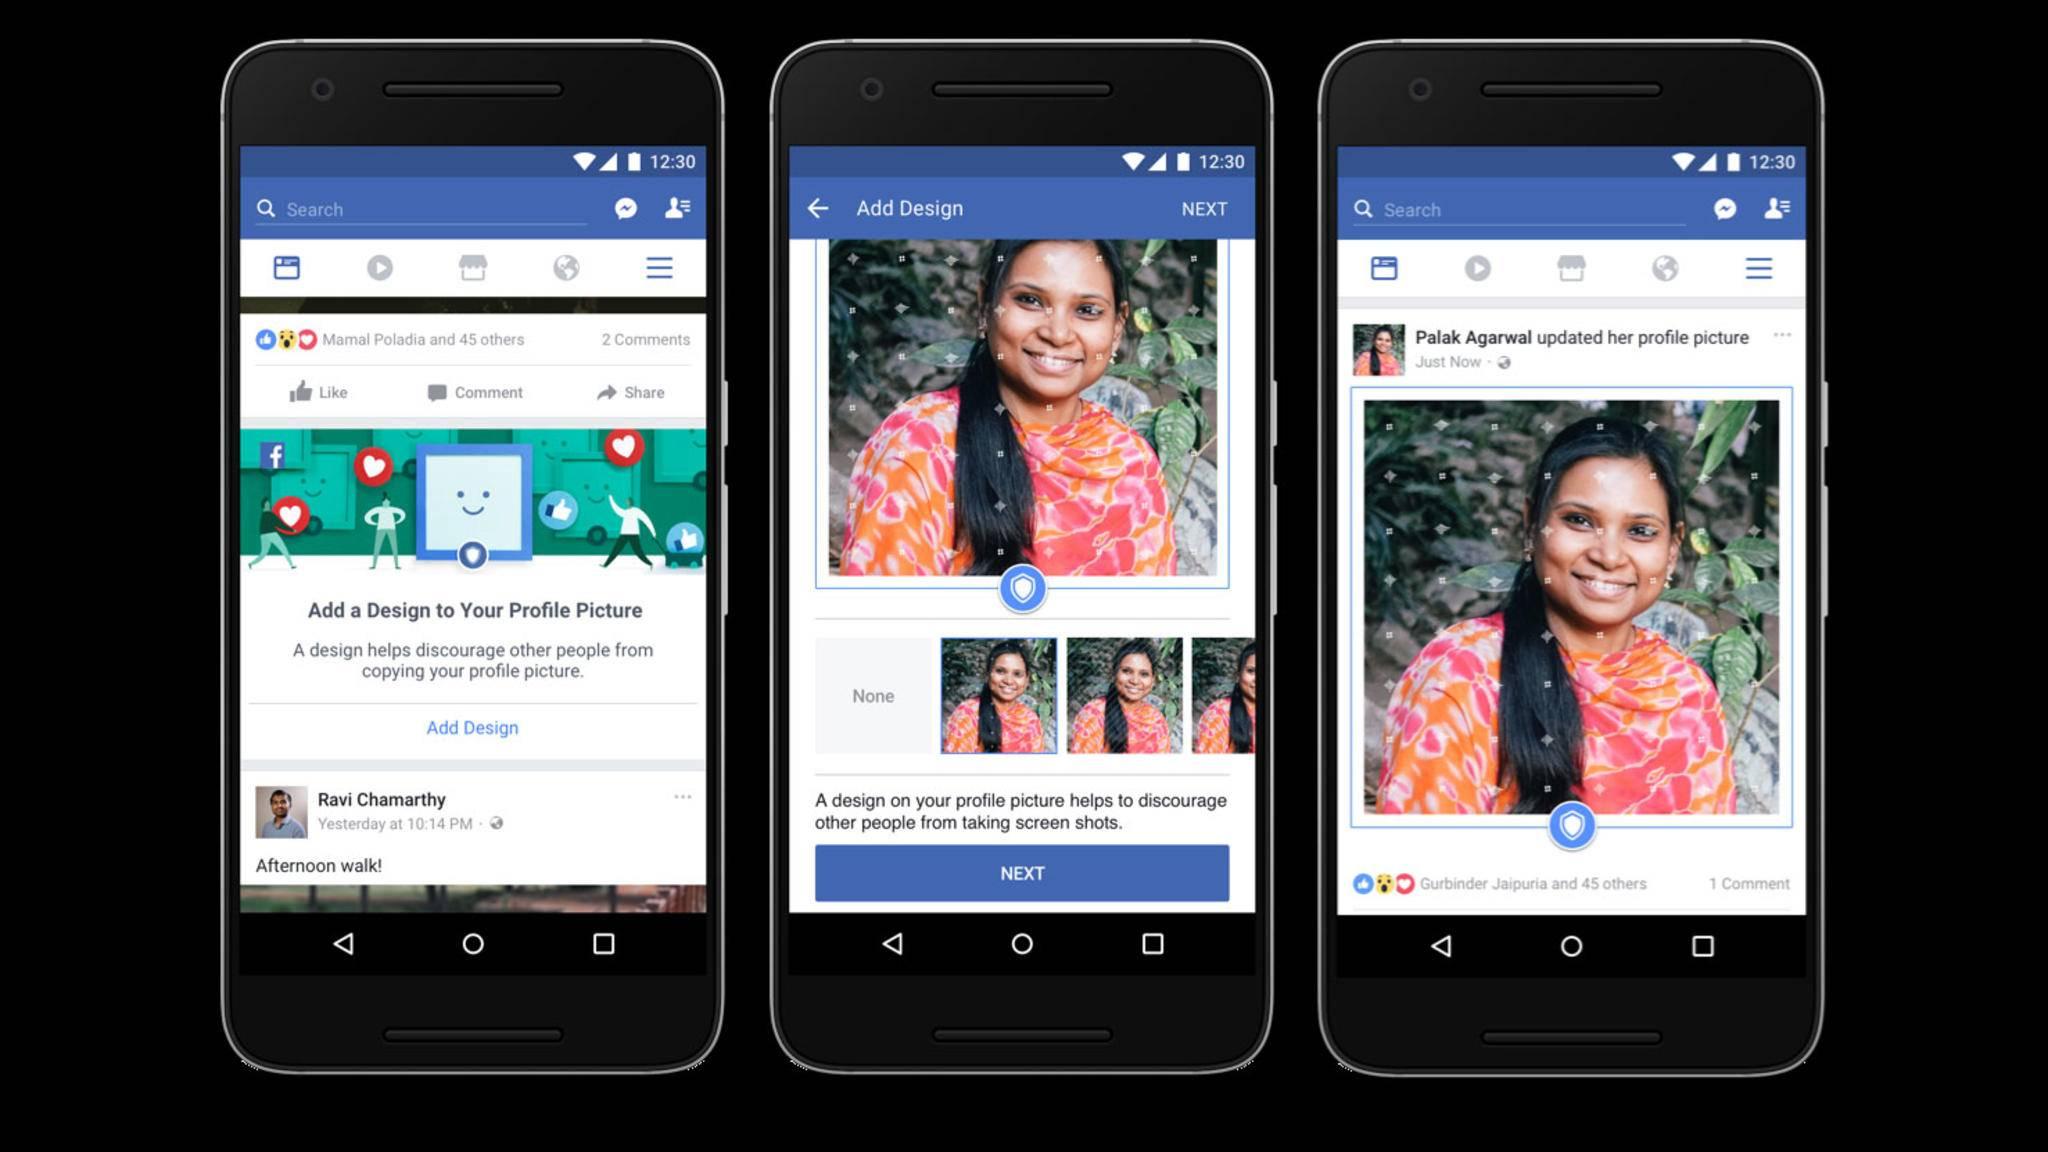 Die neue Schutzmaßnahme soll verhindern, dass Profilbilder einfach so kopiert werden können.